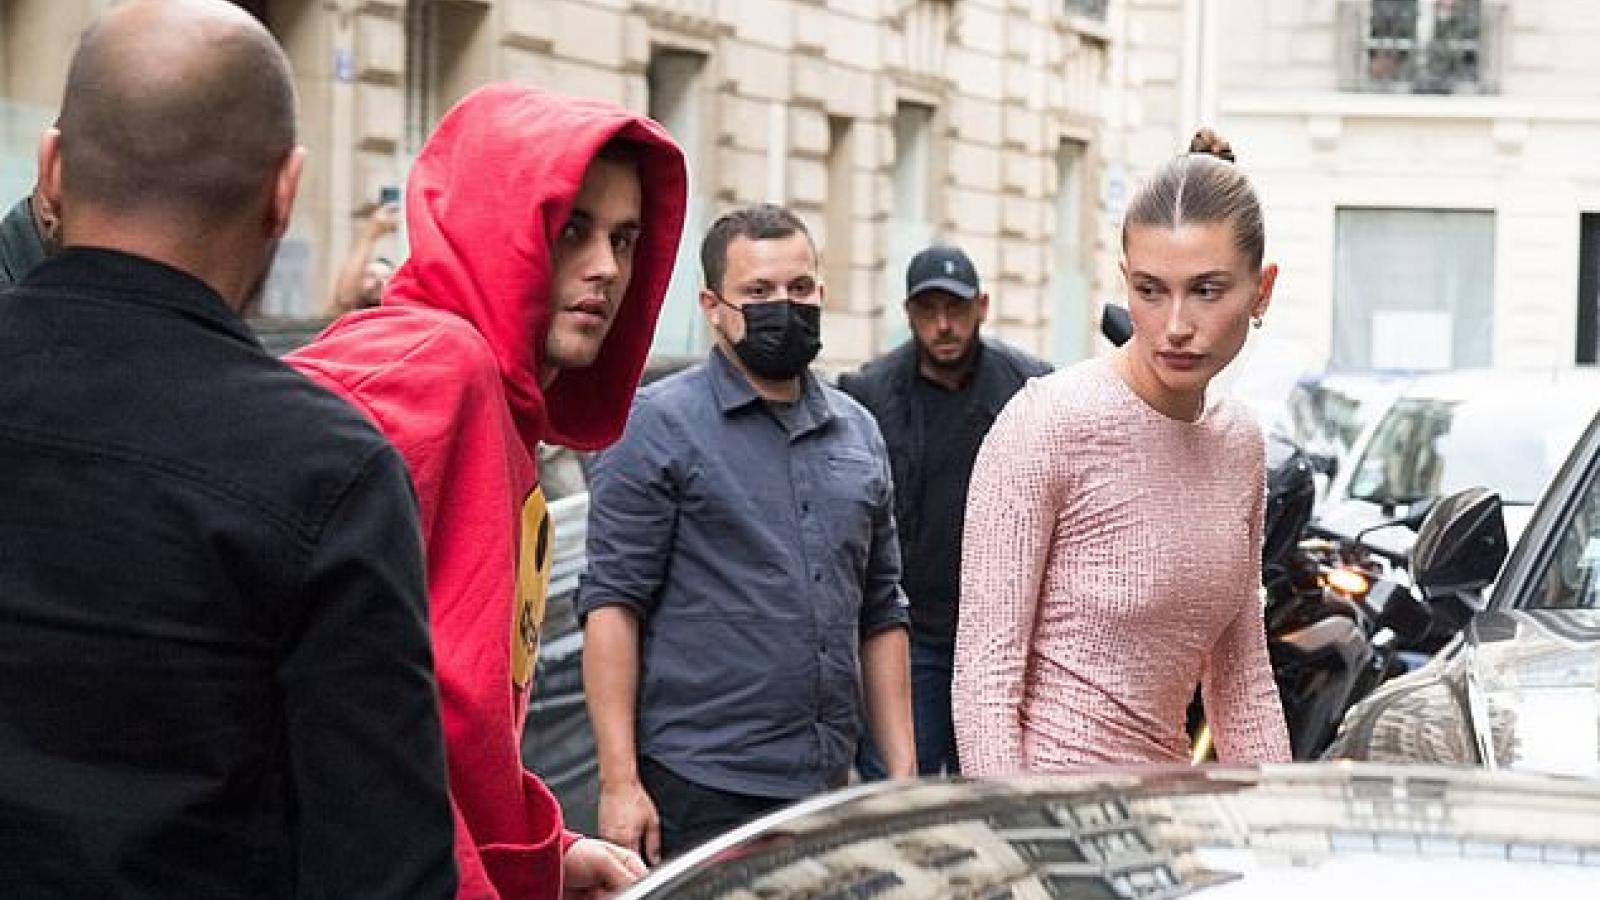 Hailey Baldwin diện đầm bó màu hồng nổi bật đi ăn tối cùng chồng ở Paris